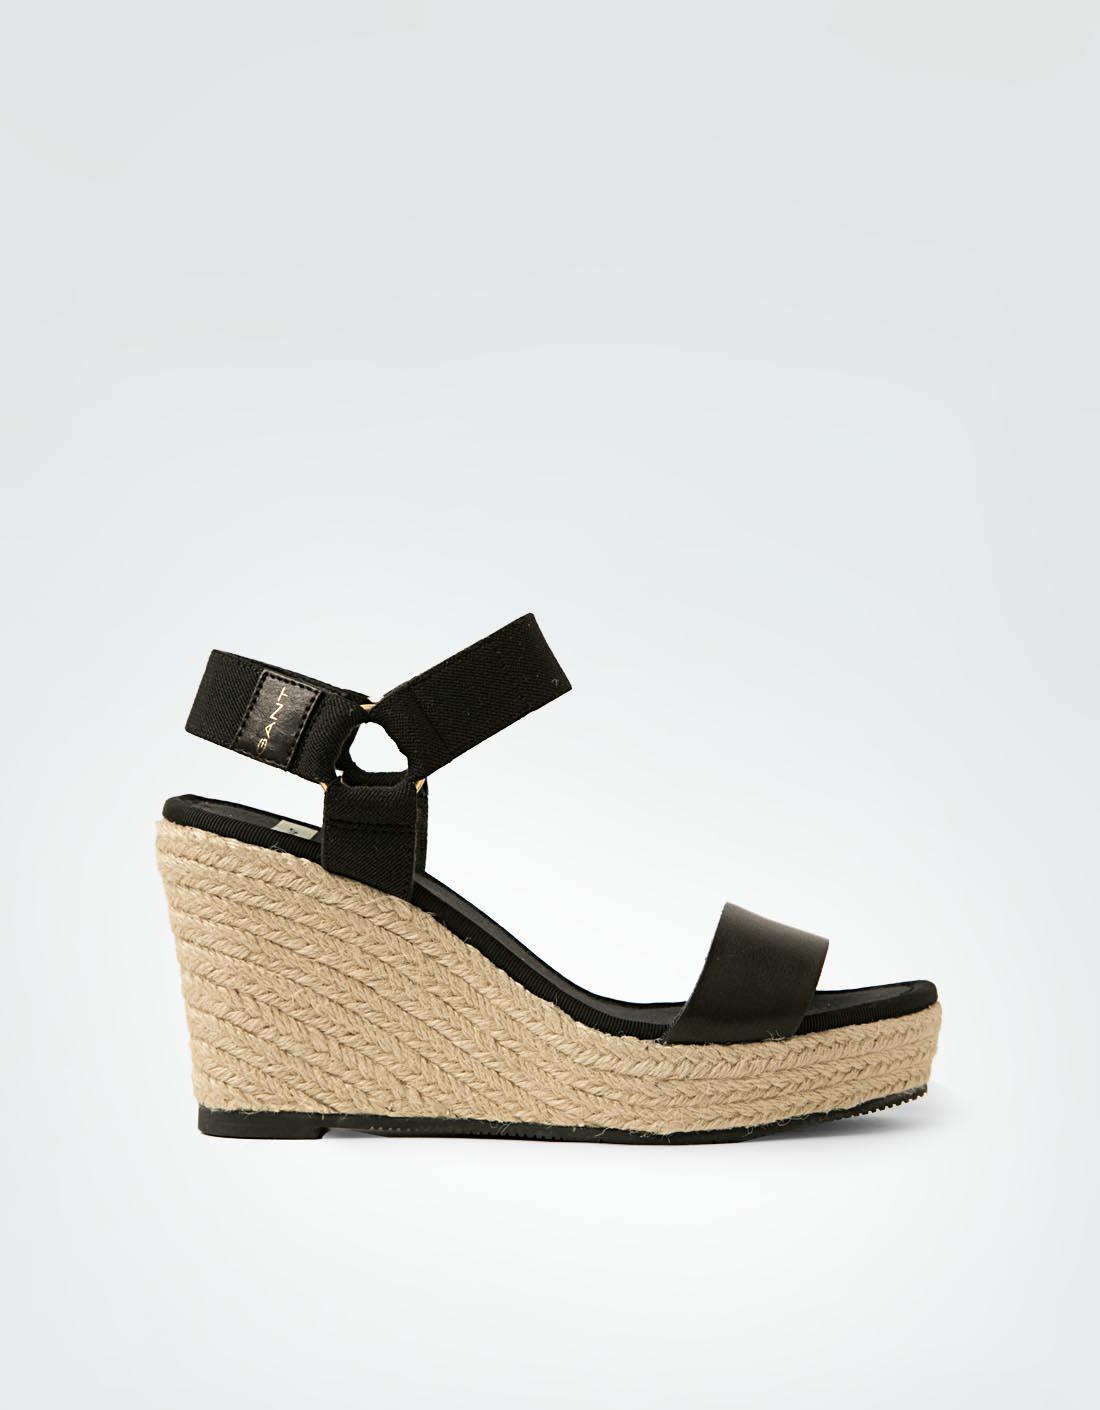 Gant Damen Schuhe Wedges mit Keilabsatz beige vMMsKrekq